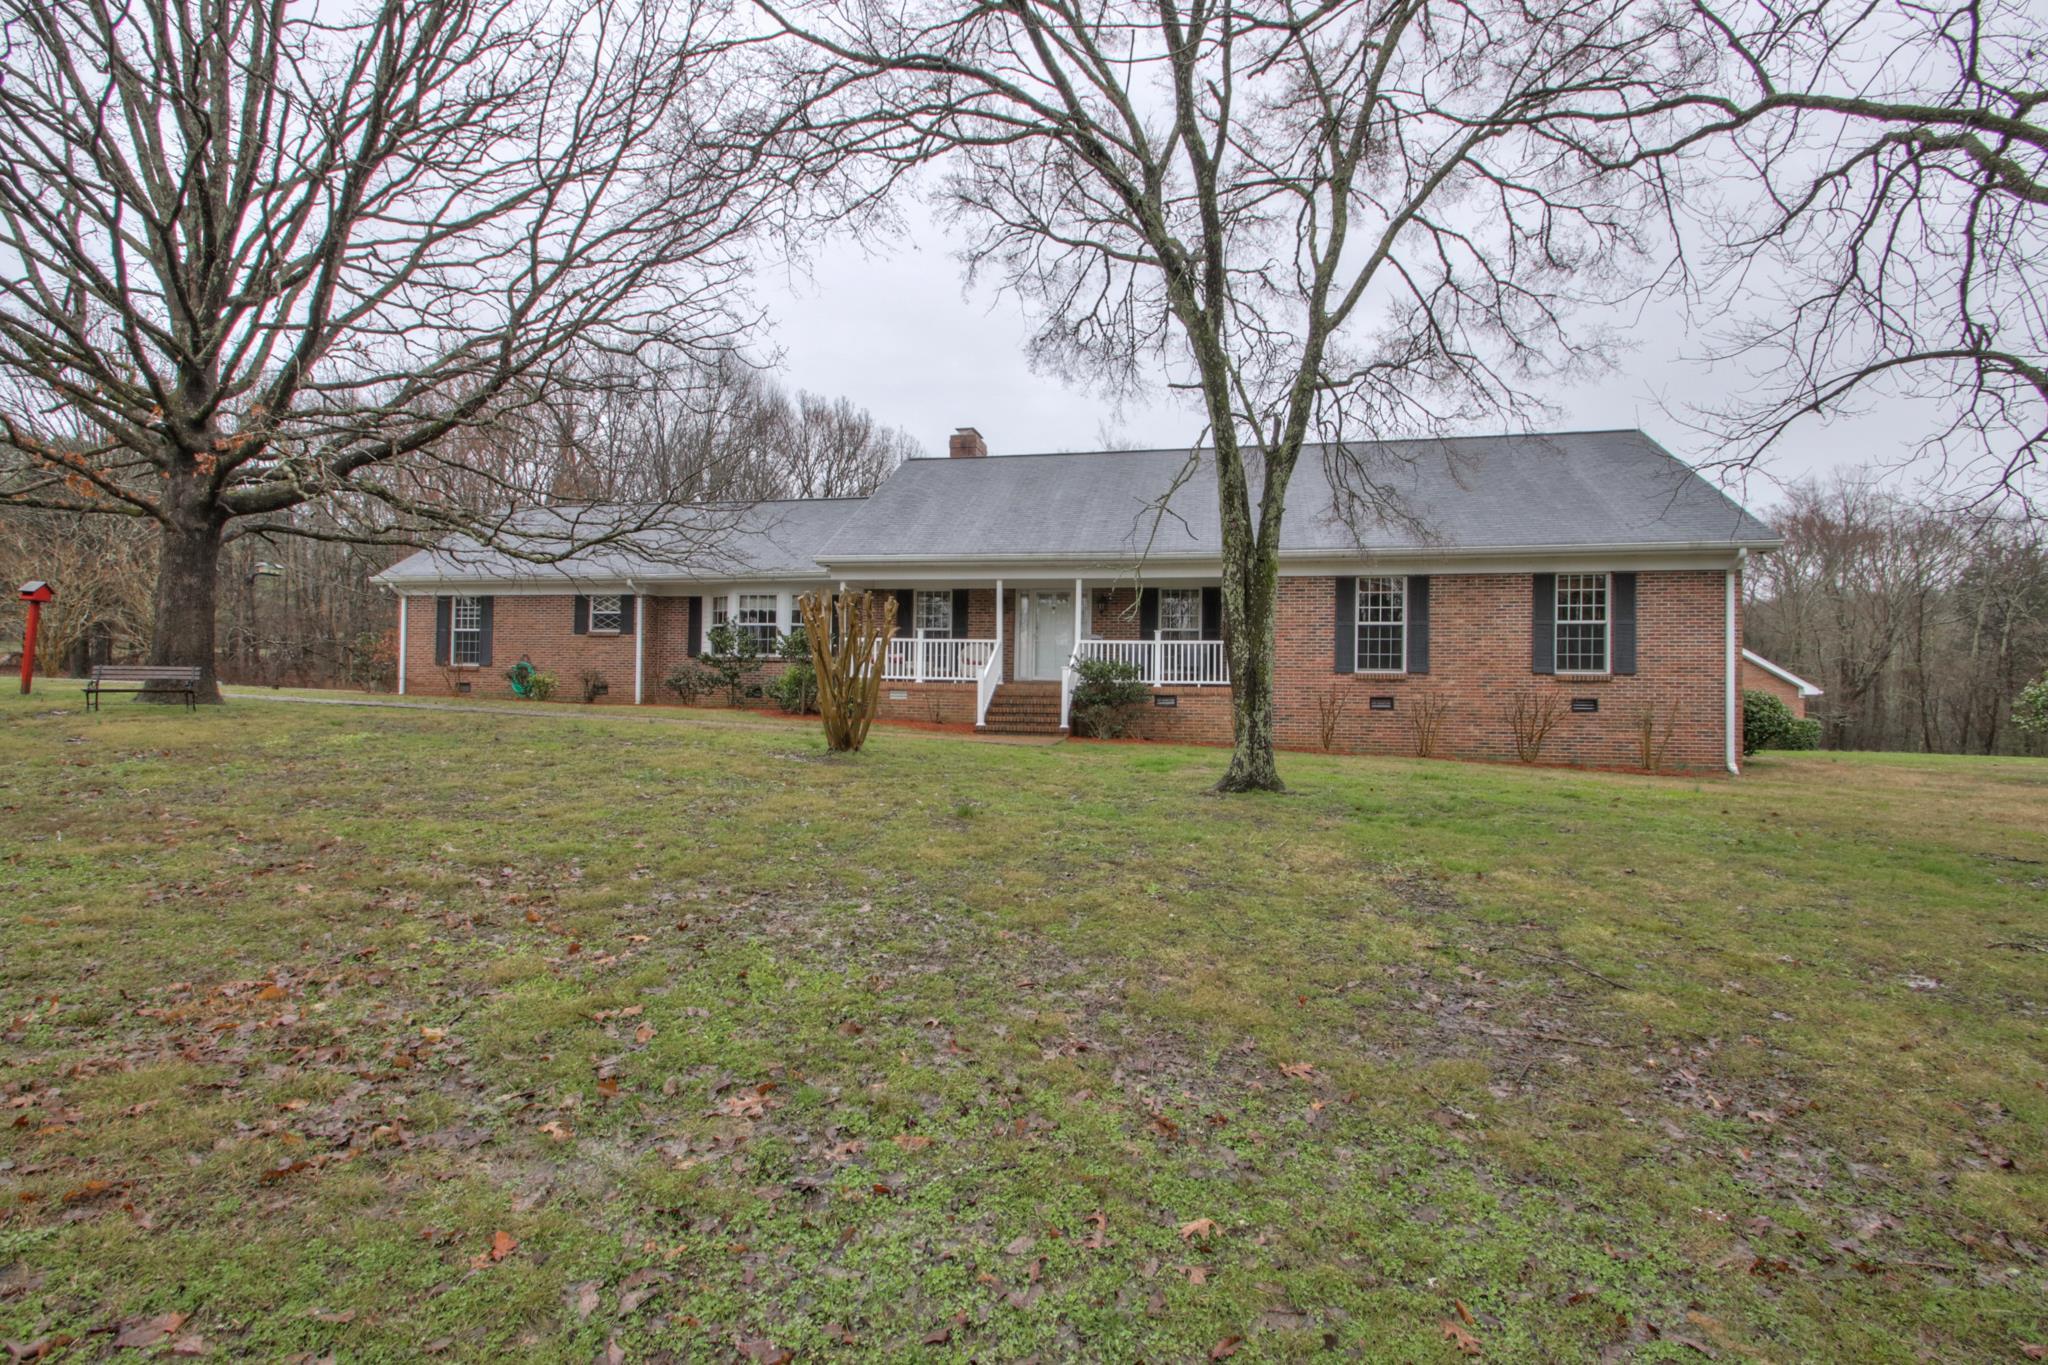 2650 Harkreader Rd, Mount Juliet, TN 37122 - Mount Juliet, TN real estate listing